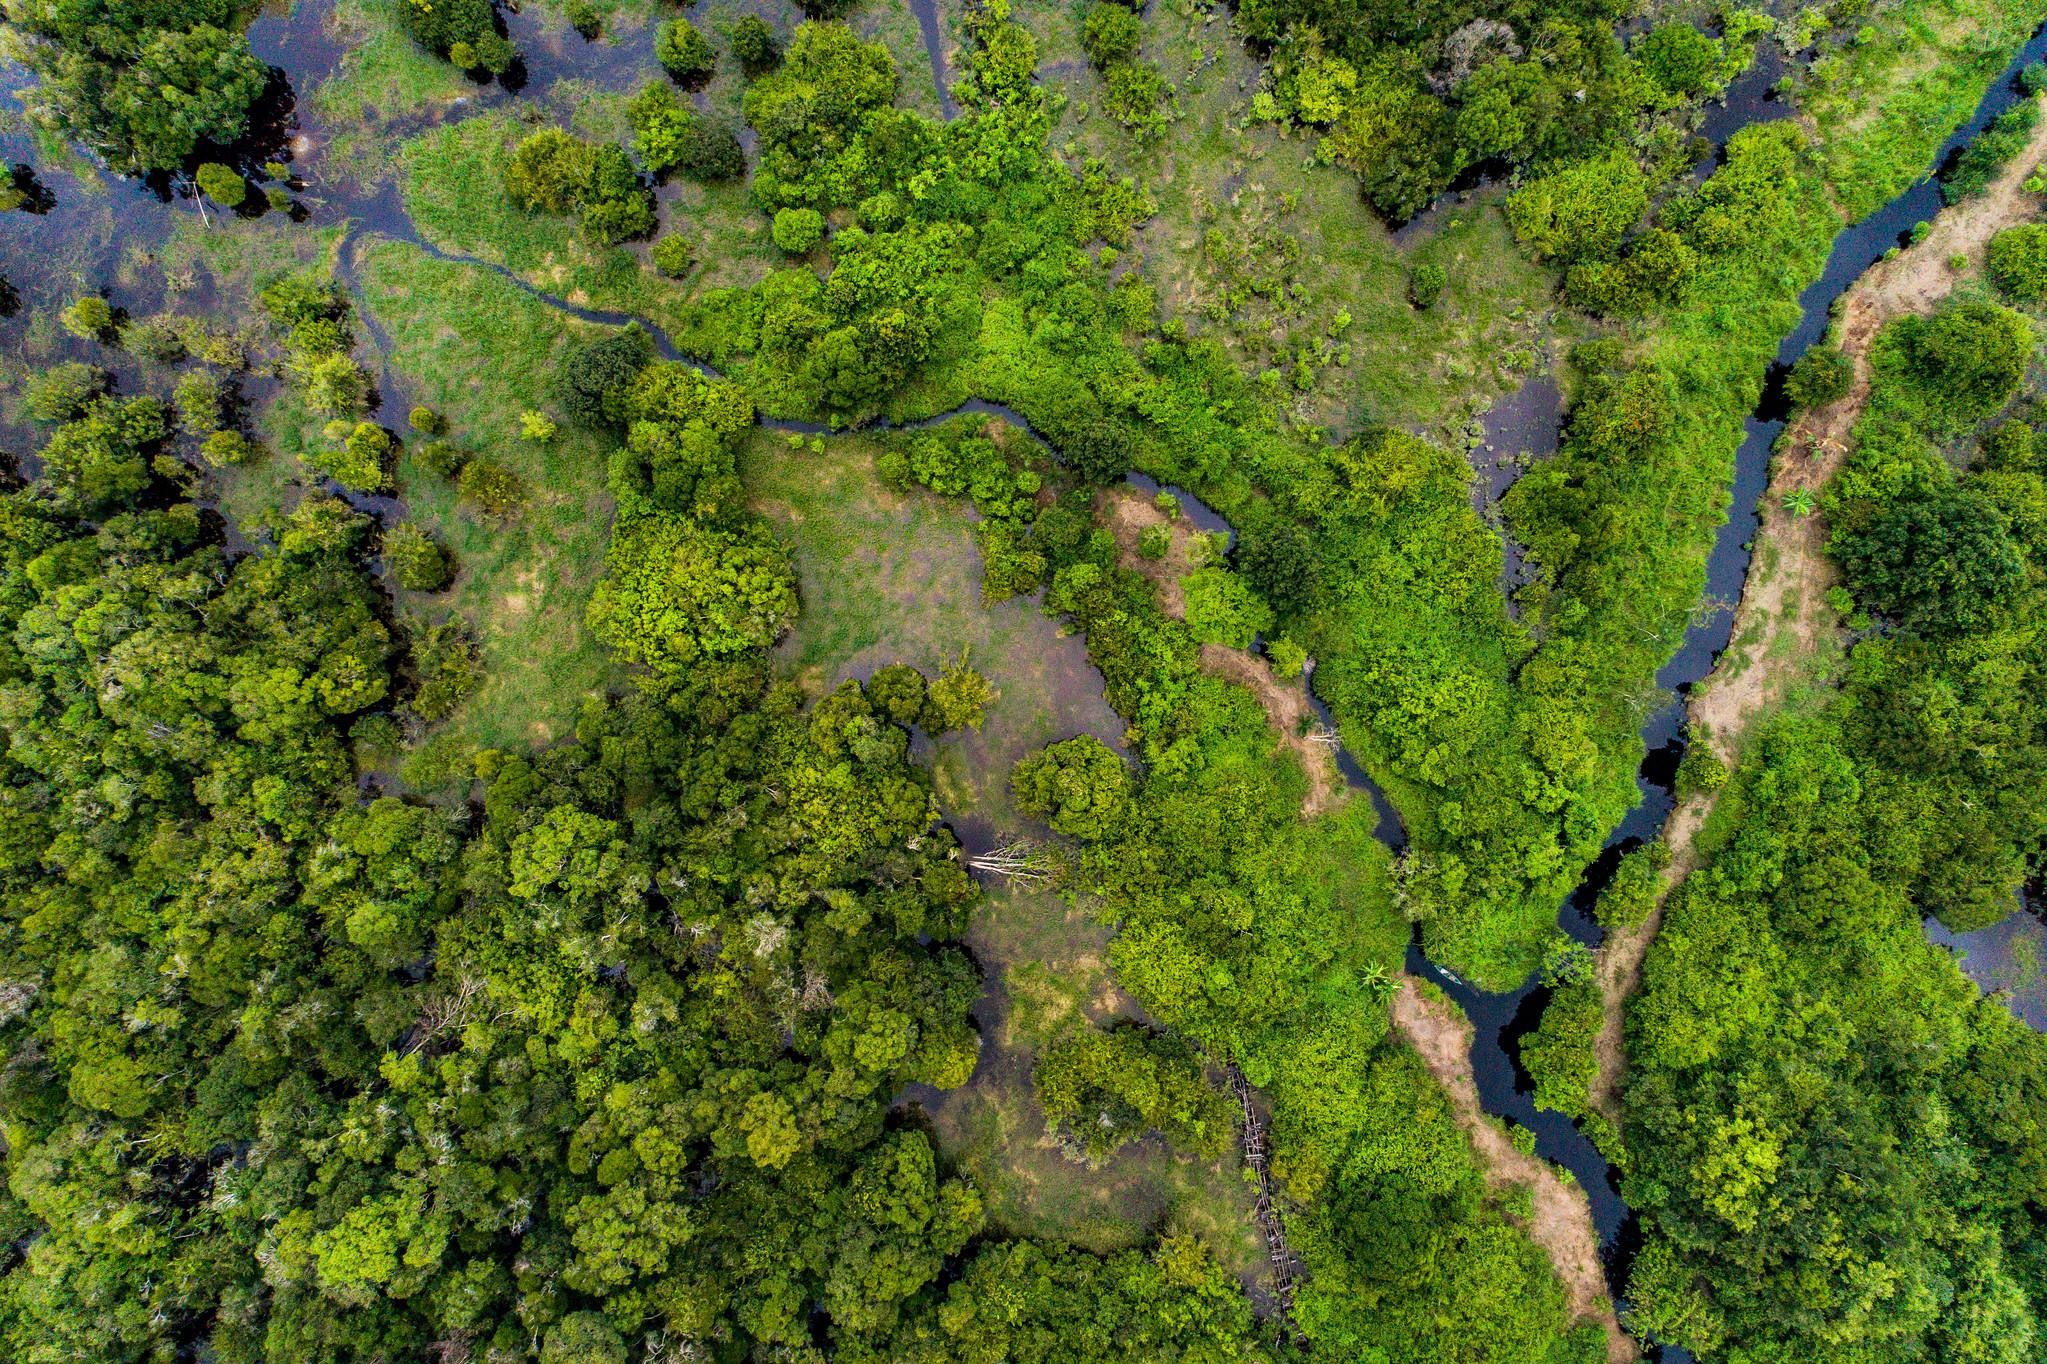 Le foreste, nostre alleate nella sfida climatica